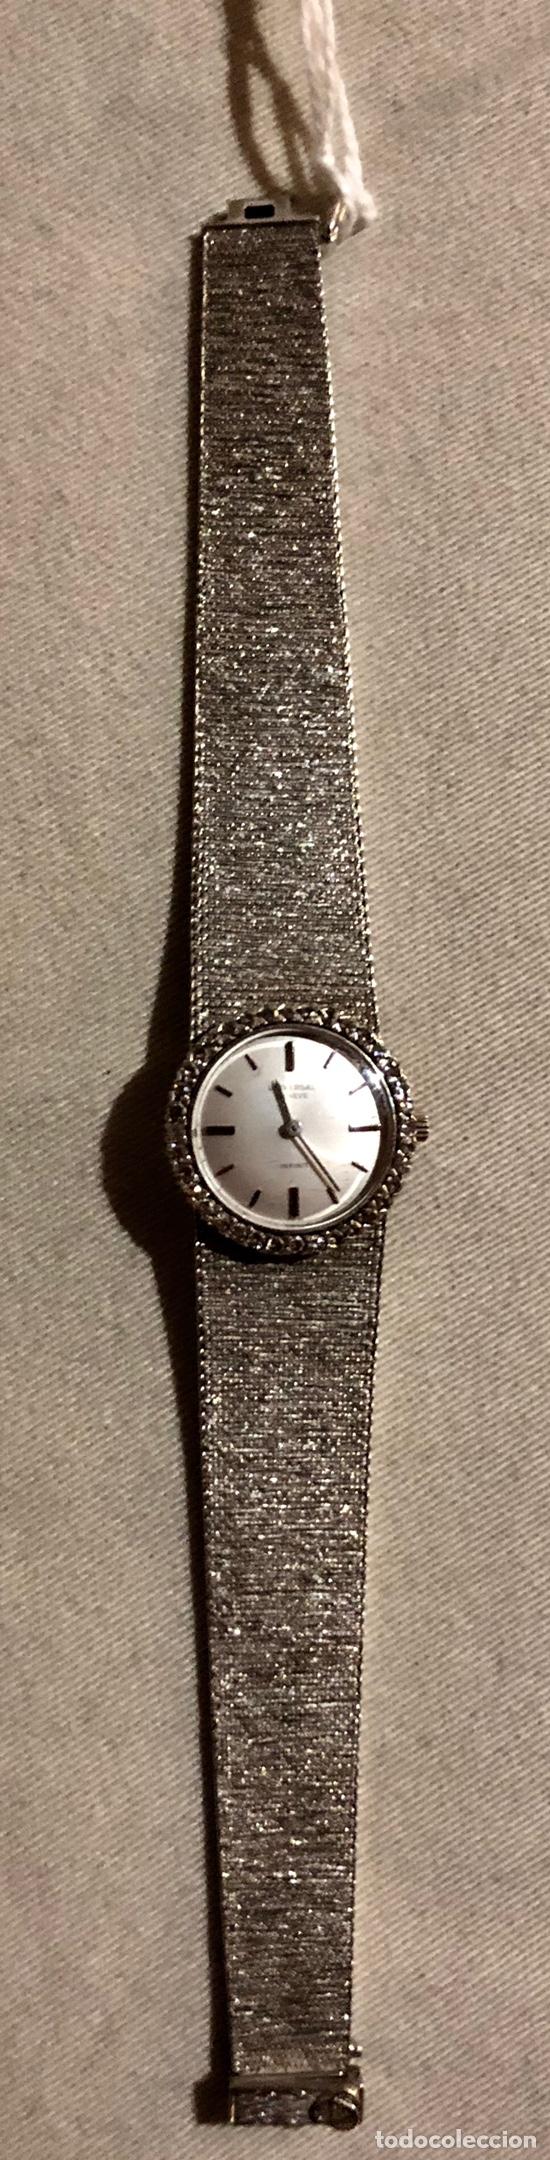 Reloj de pulsera de mujer Universal en perfecto estado